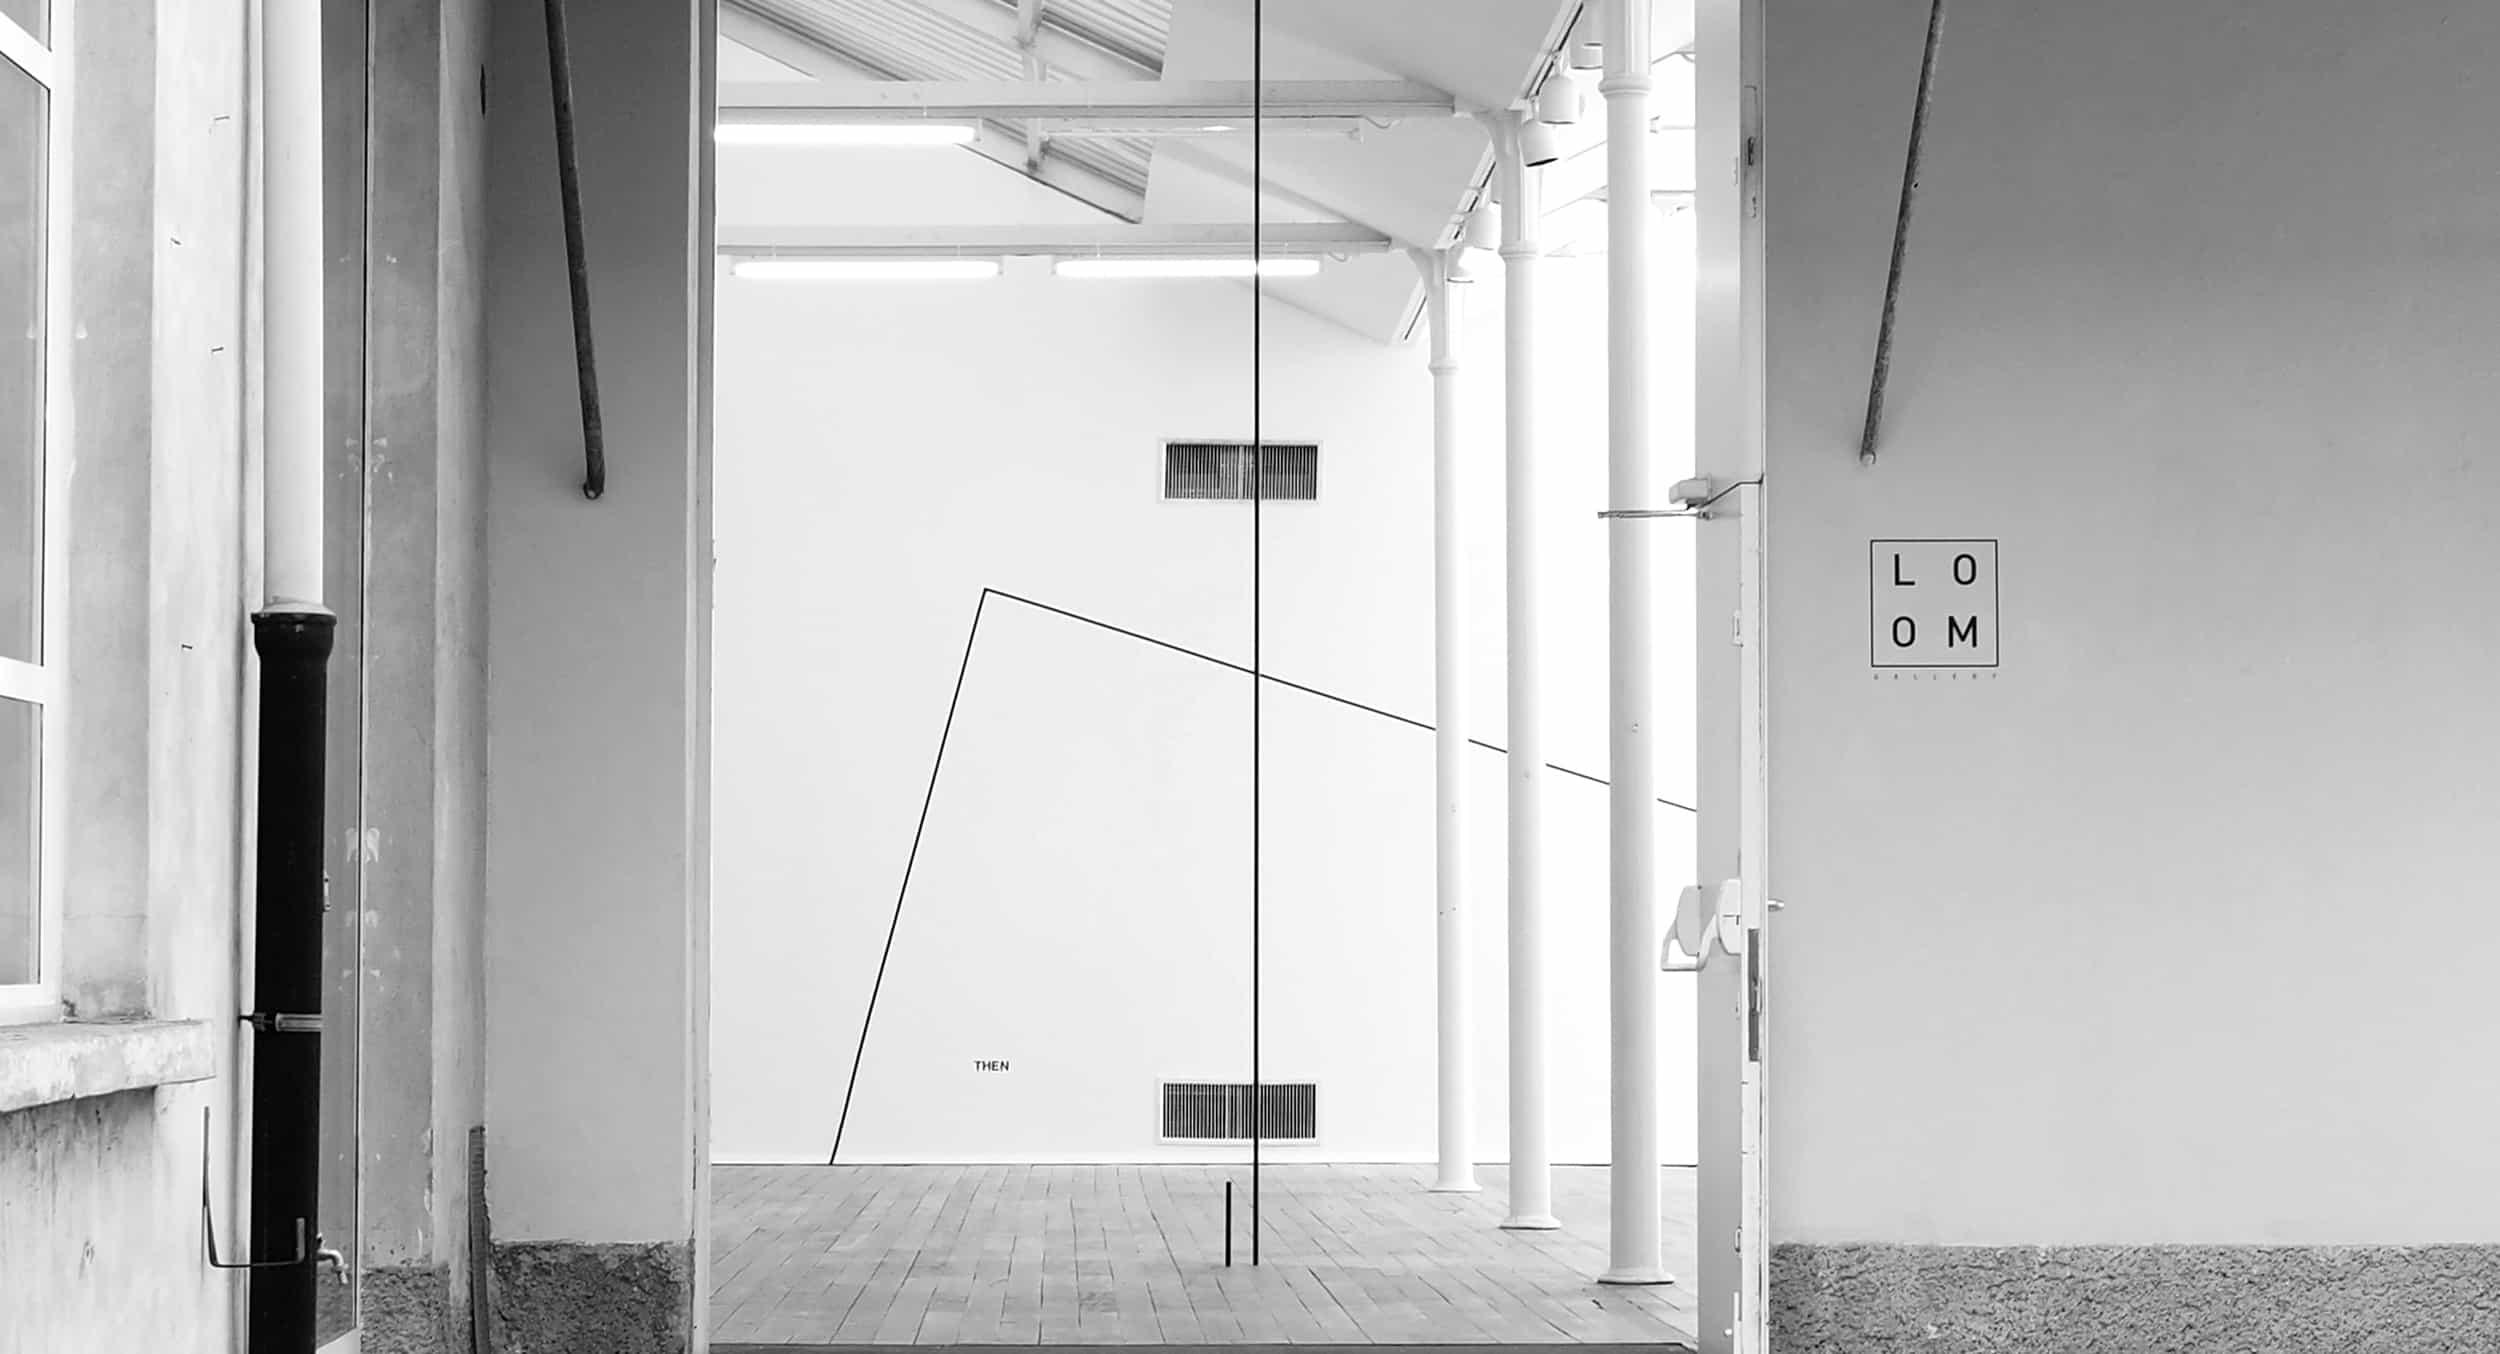 Parole, linee, pali e spazi. Il vocabolario concettuale di Peter Downsbrough a Milano